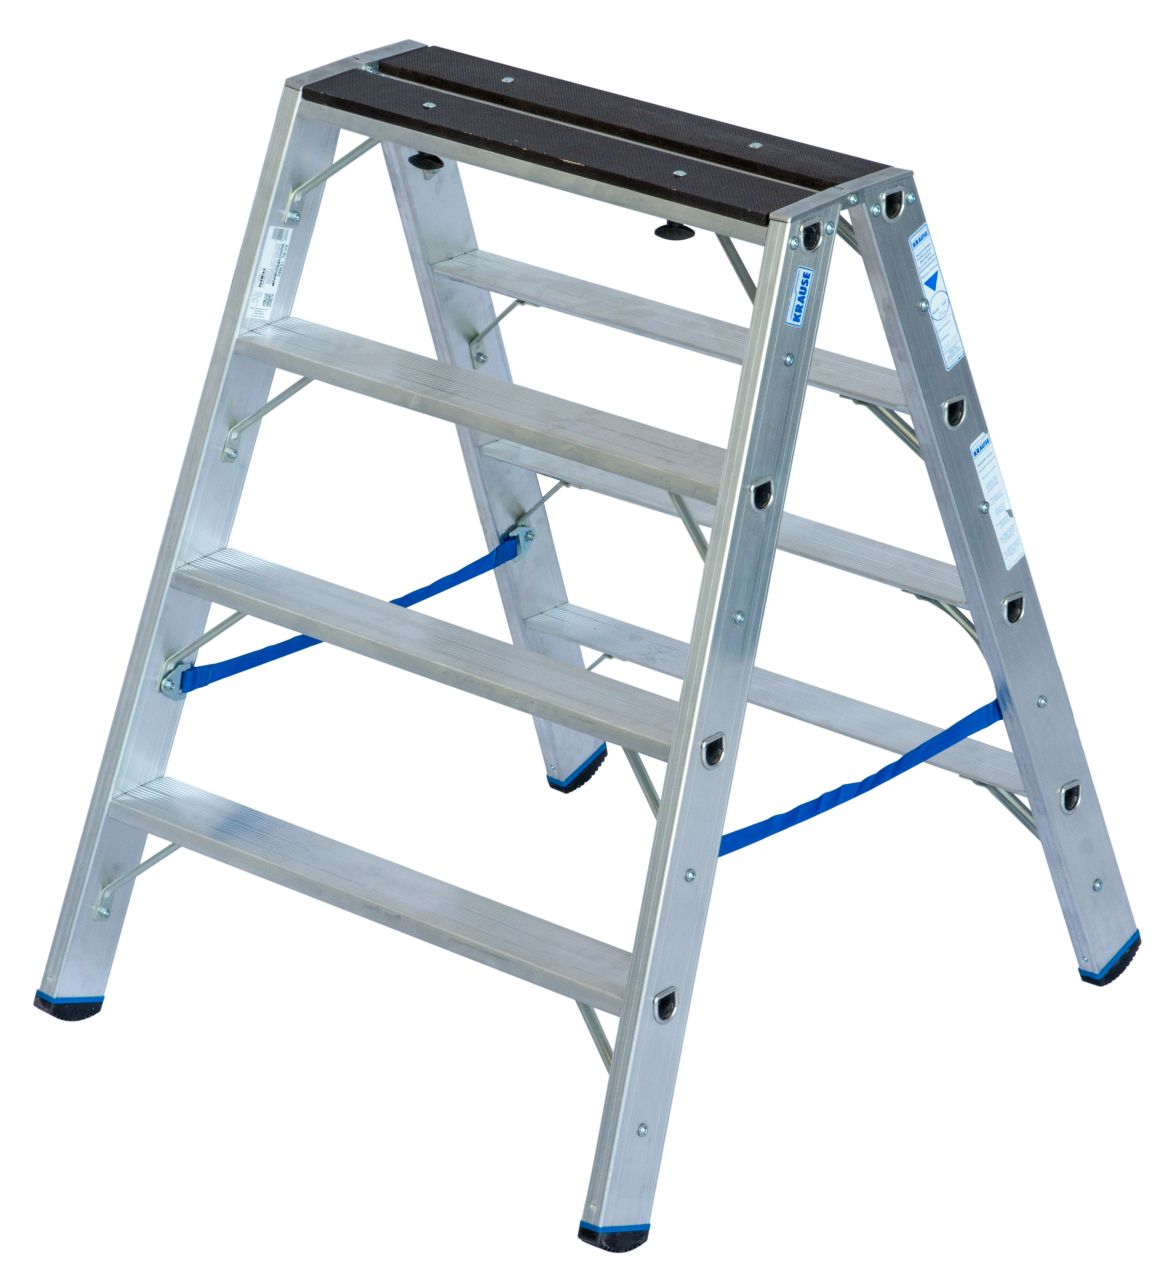 Двухсторонняя стремянка с деревянной накладкой. Профессиональная алюминиевая стремянка с практичными функциями. Используется в качестве двухсторонней стремянки или подмости.